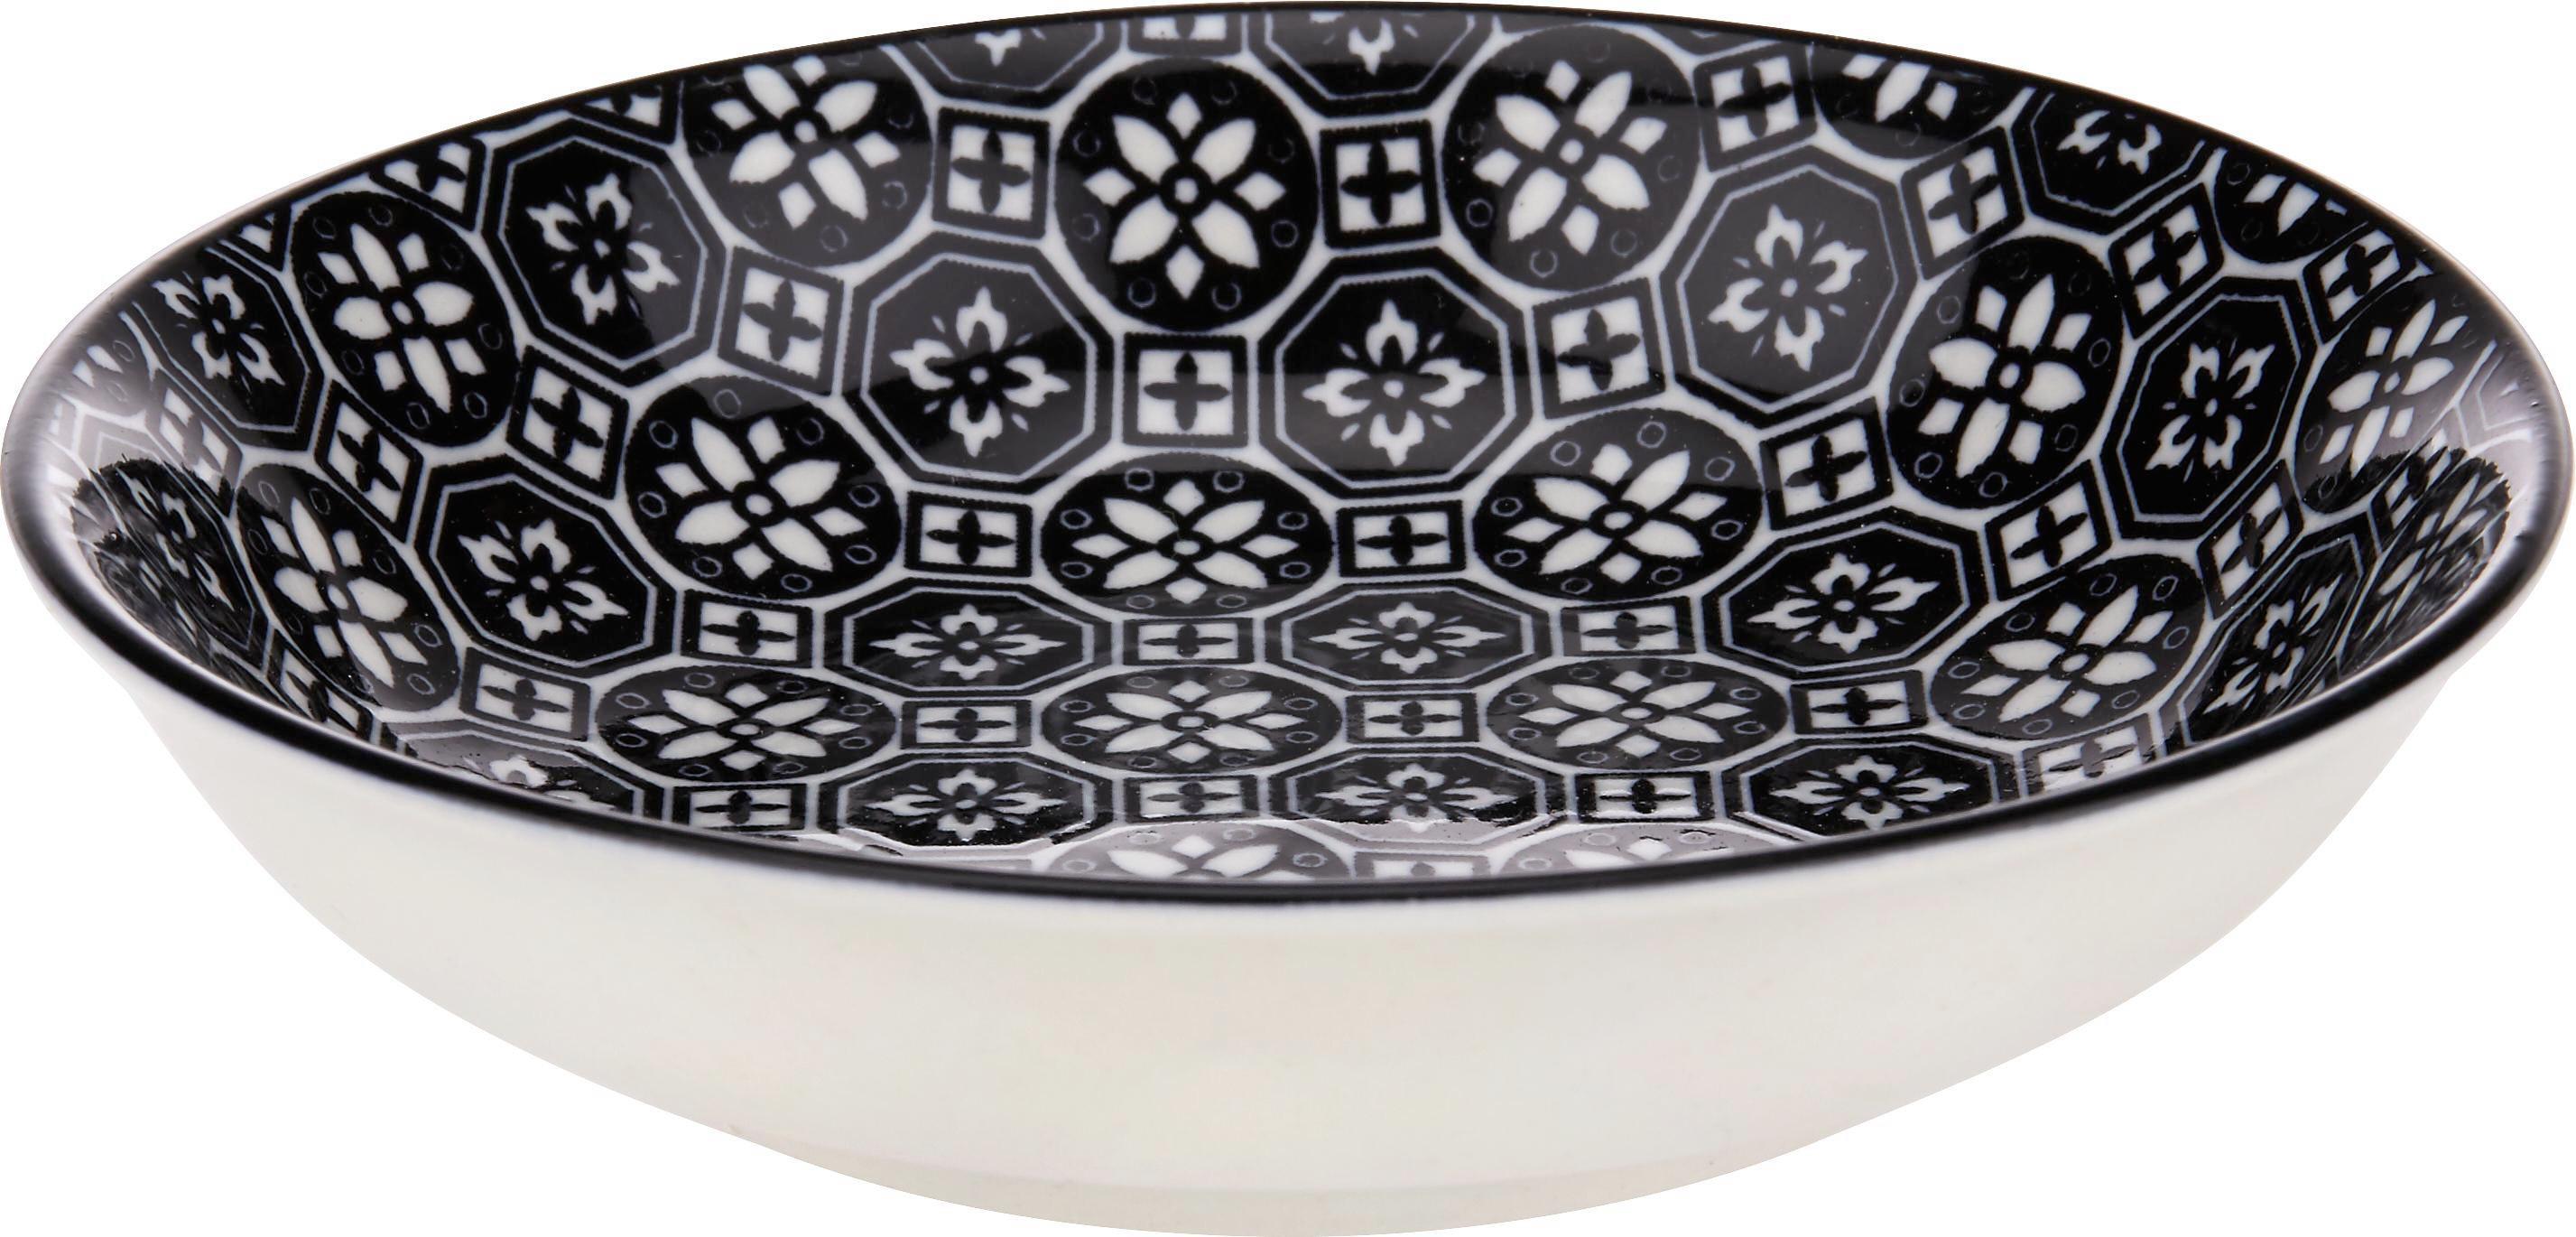 Tál Shiva - fekete/fehér, Lifestyle, kerámia (9,5/2cm) - MÖMAX modern living